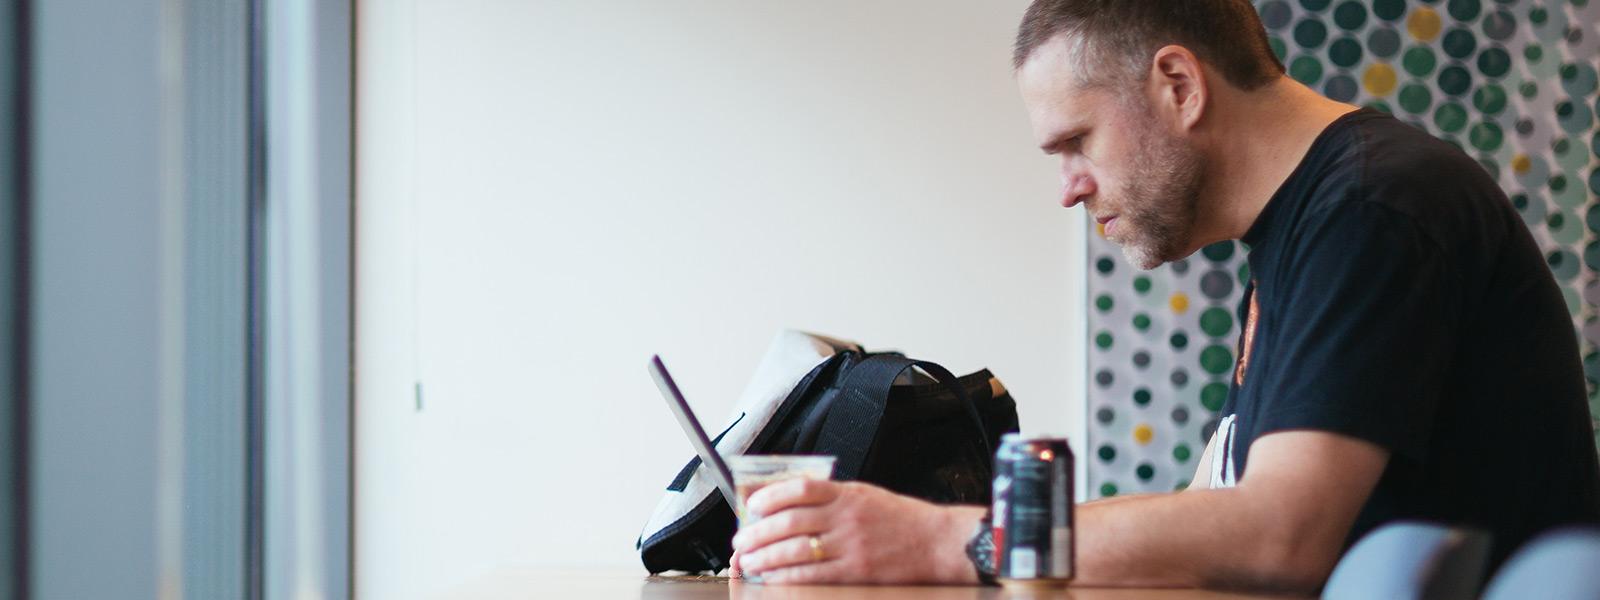 Мужчина сидит за столом за компьютером с Windows 10